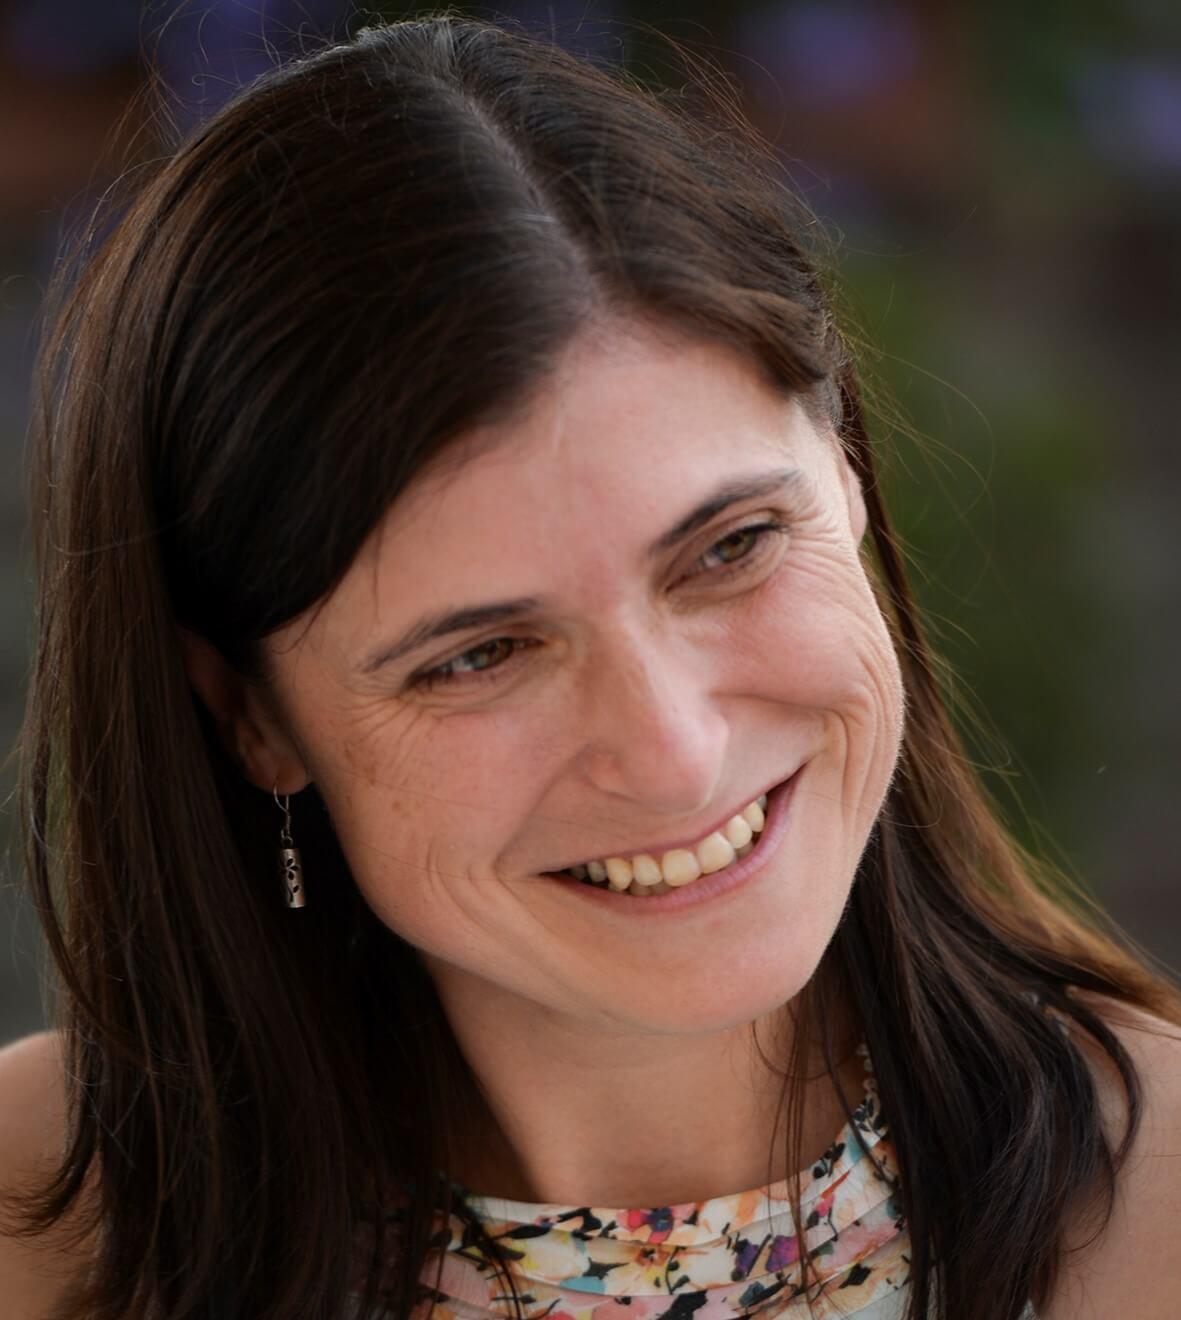 Cindy Bex Natuurprikkels De Kleine Theeboom